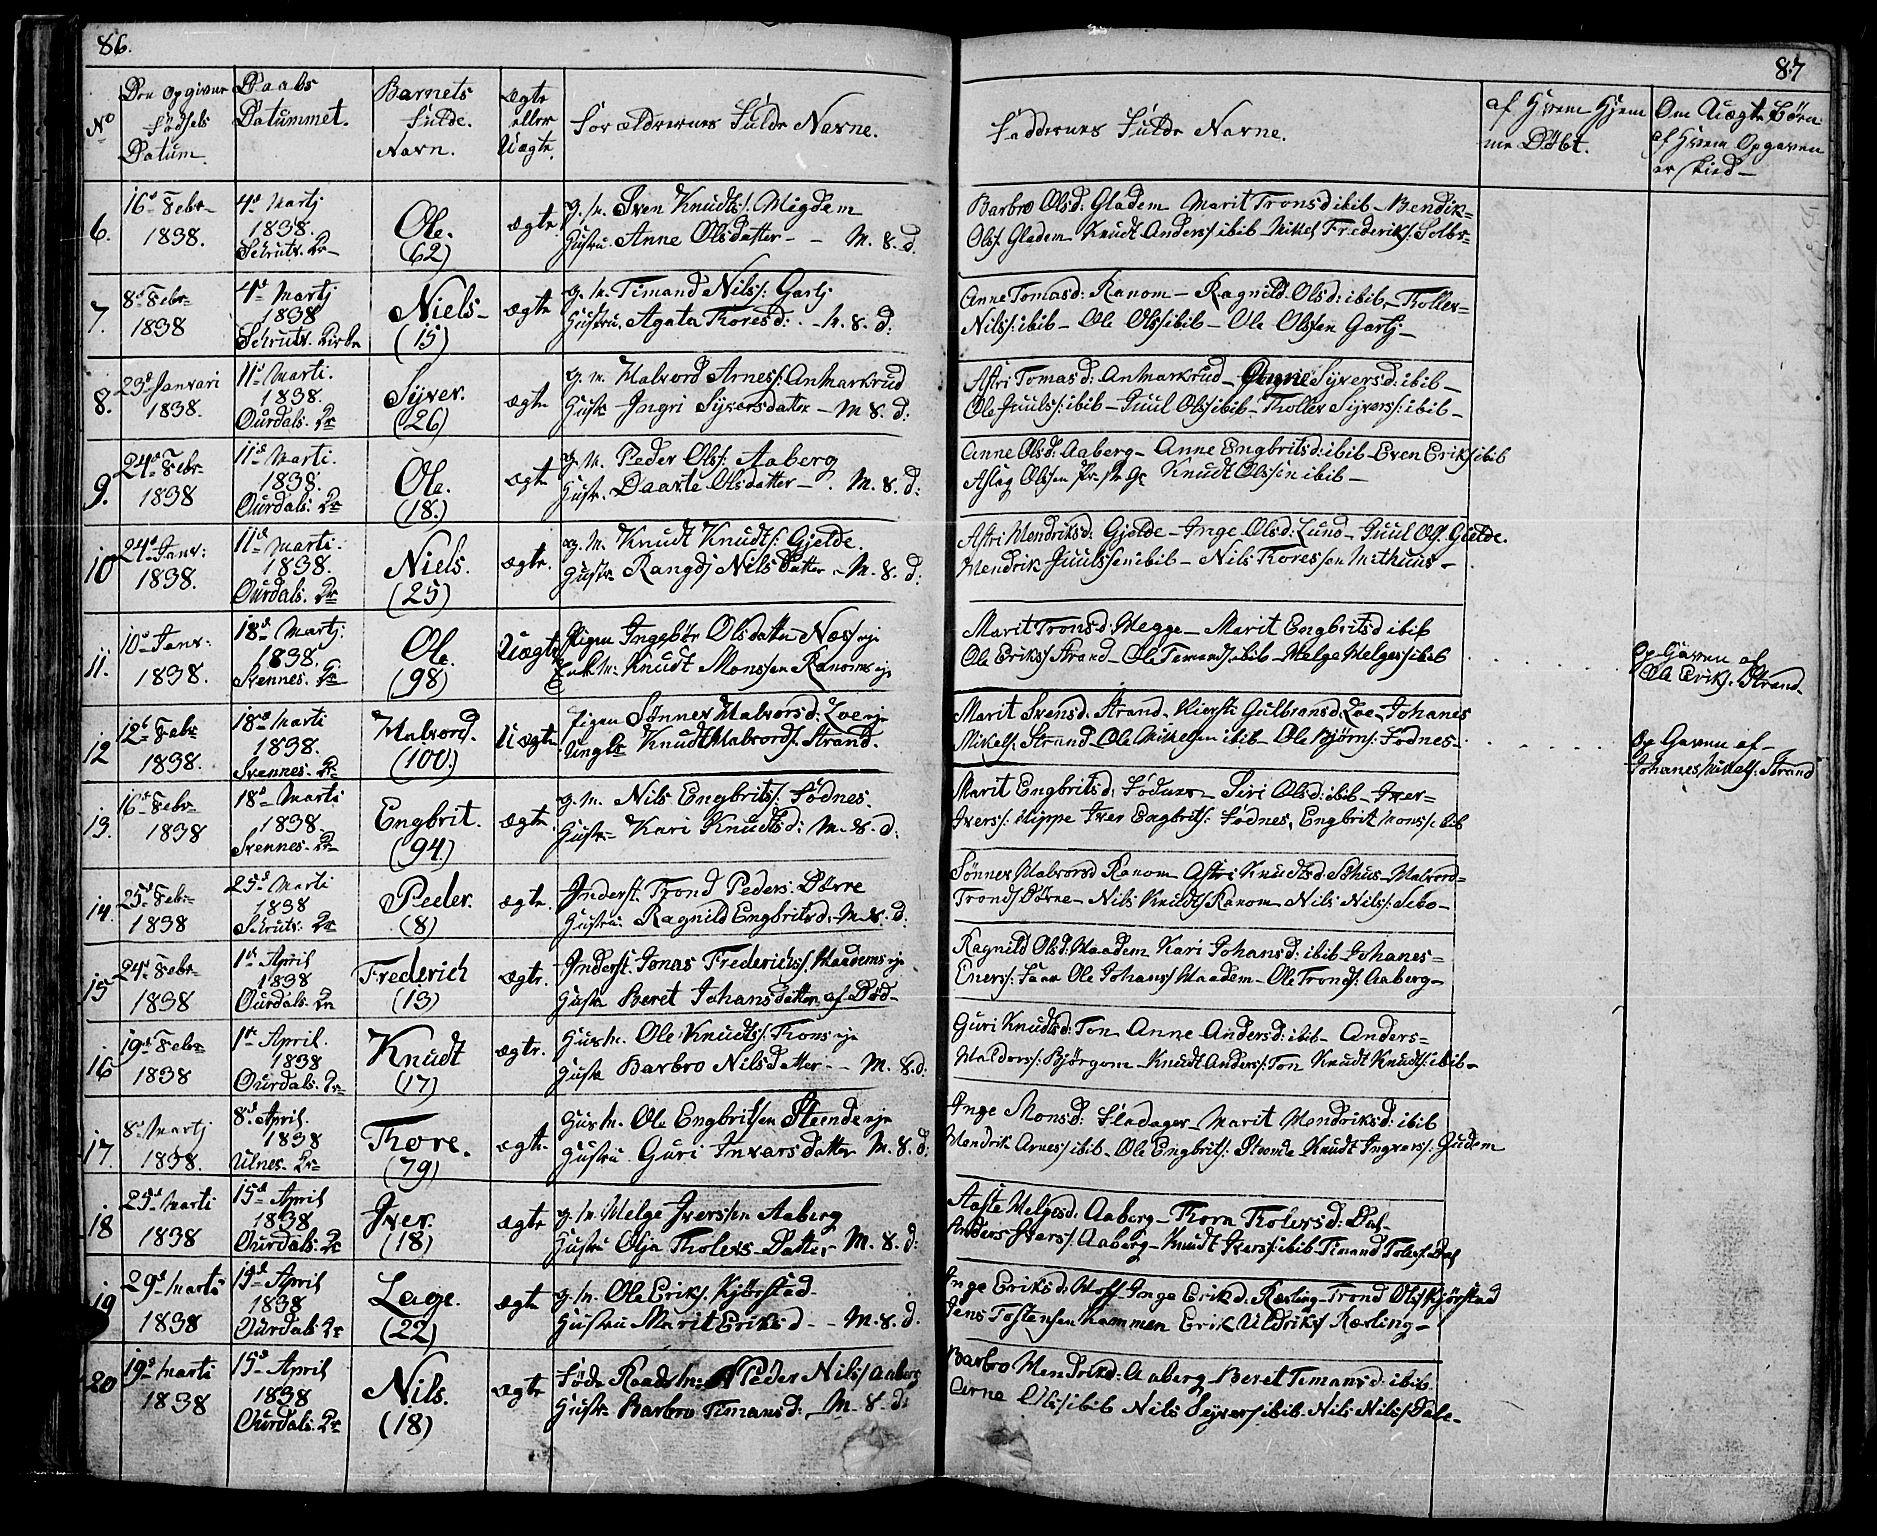 SAH, Nord-Aurdal prestekontor, Klokkerbok nr. 1, 1834-1887, s. 86-87